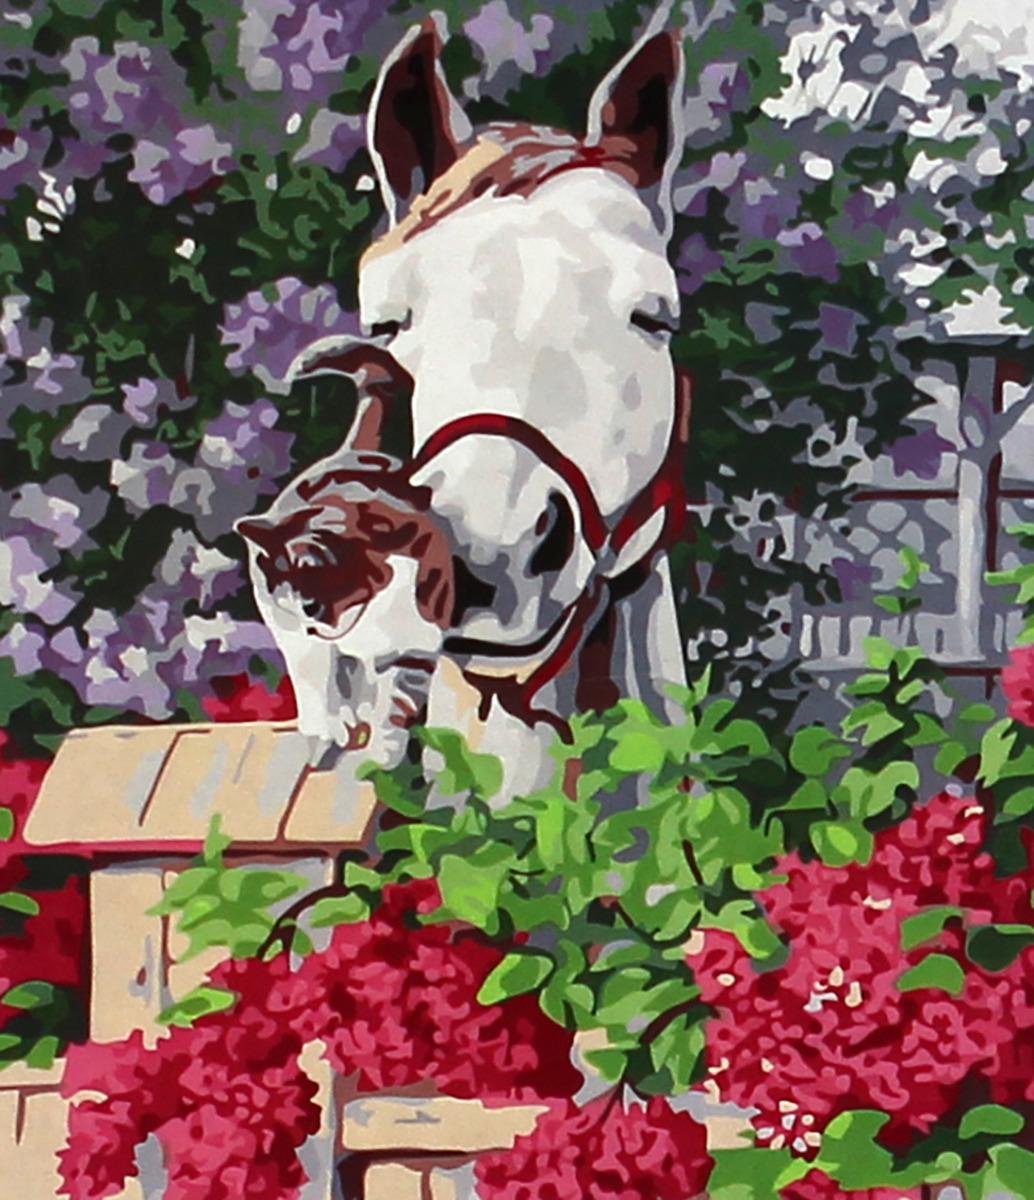 Фото - Набор для живописи Рыжий кот Лошадь и кот в цветах, 50 х 40 см набор для живописи рыжий кот лошадь и кот в цветах 50 х 40 см